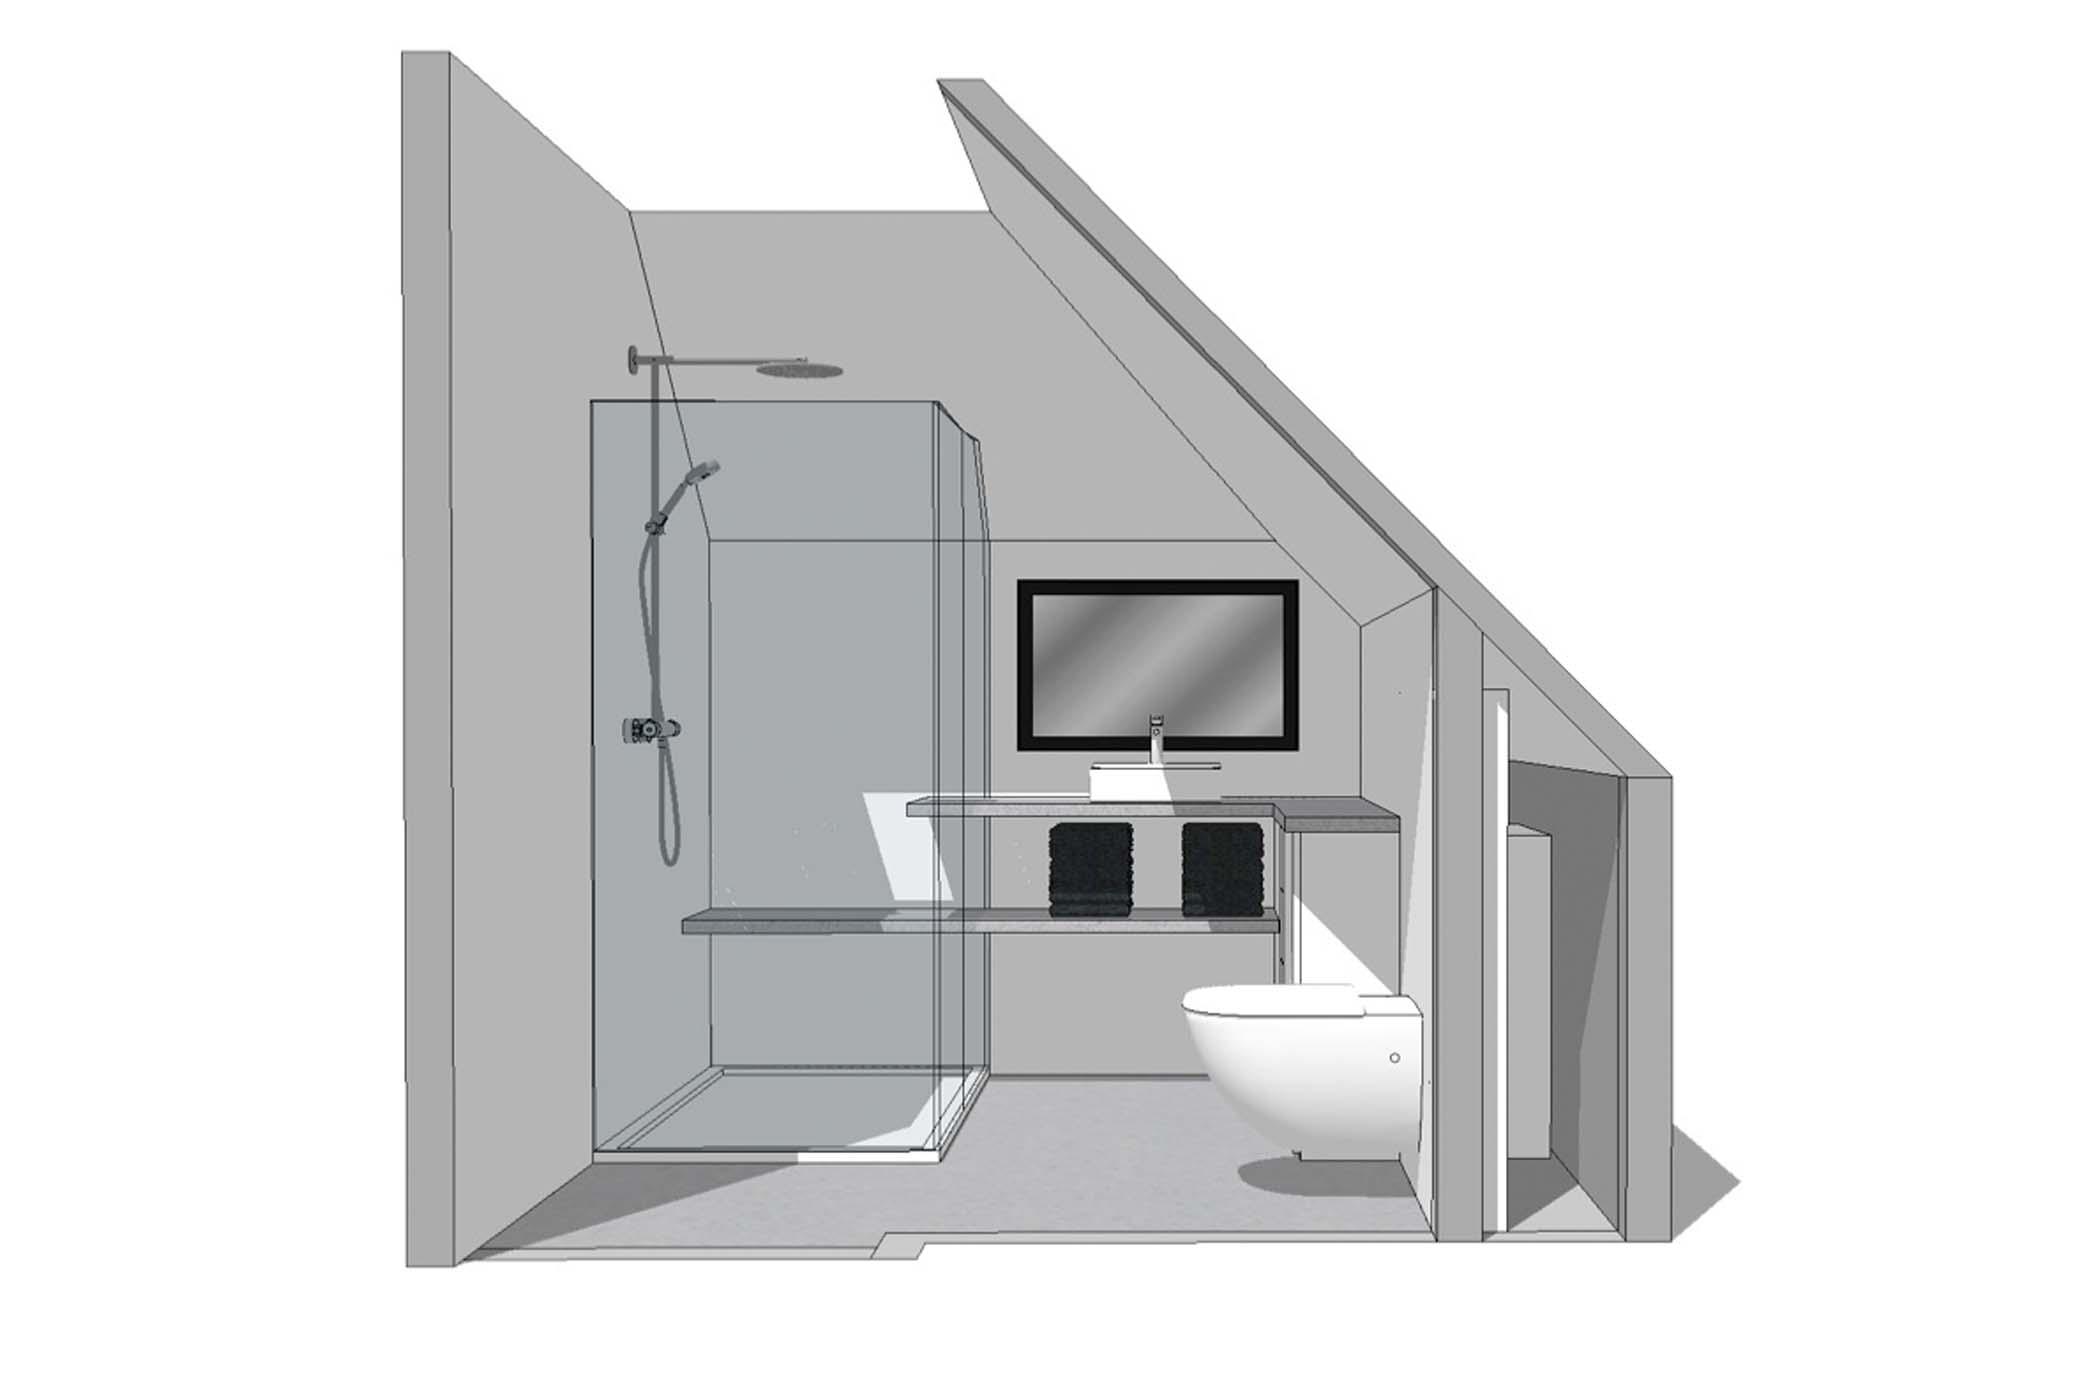 nieuwe badkamer ontwerp vanaf huis iredesign ontwerp